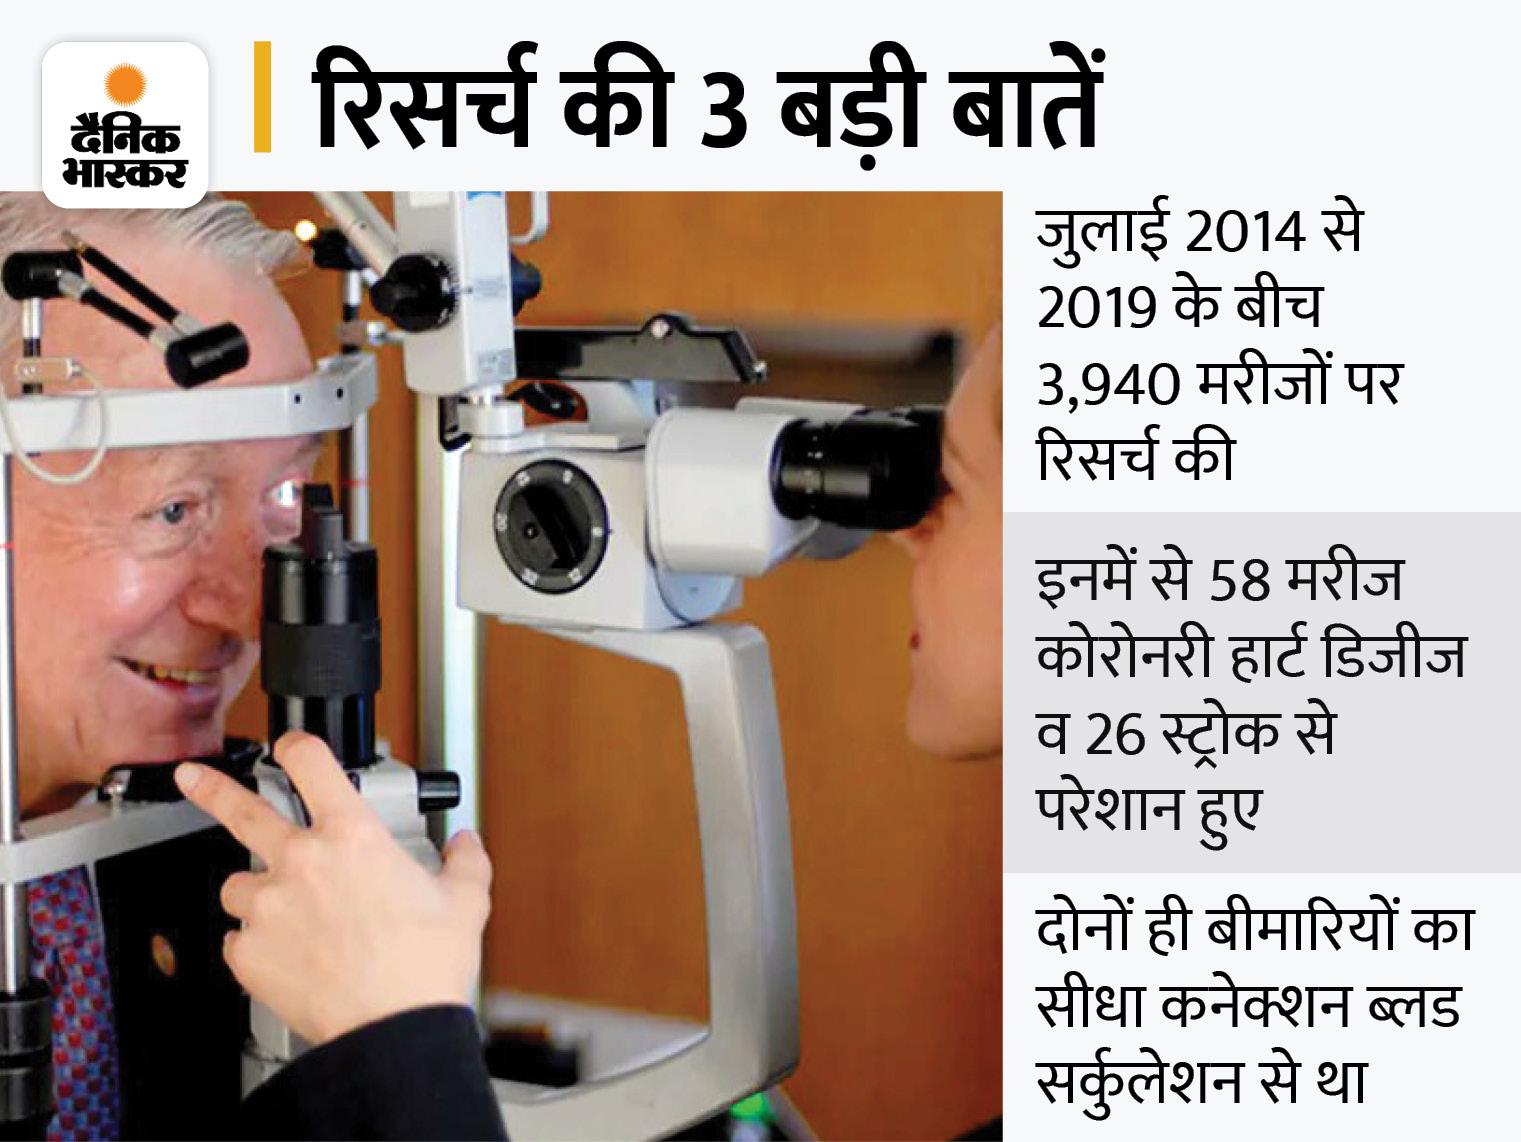 रेटिना की स्कैनिंग रिपोर्ट बताएगी हृदय रोग और स्ट्रोक का खतरा कितना, आंखों का ब्लड सर्कुलेशन इन बीमारियों का करता है इशारा; अमेरिकी शोधकर्ताओं का दावा लाइफ & साइंस,Happy Life - Dainik Bhaskar